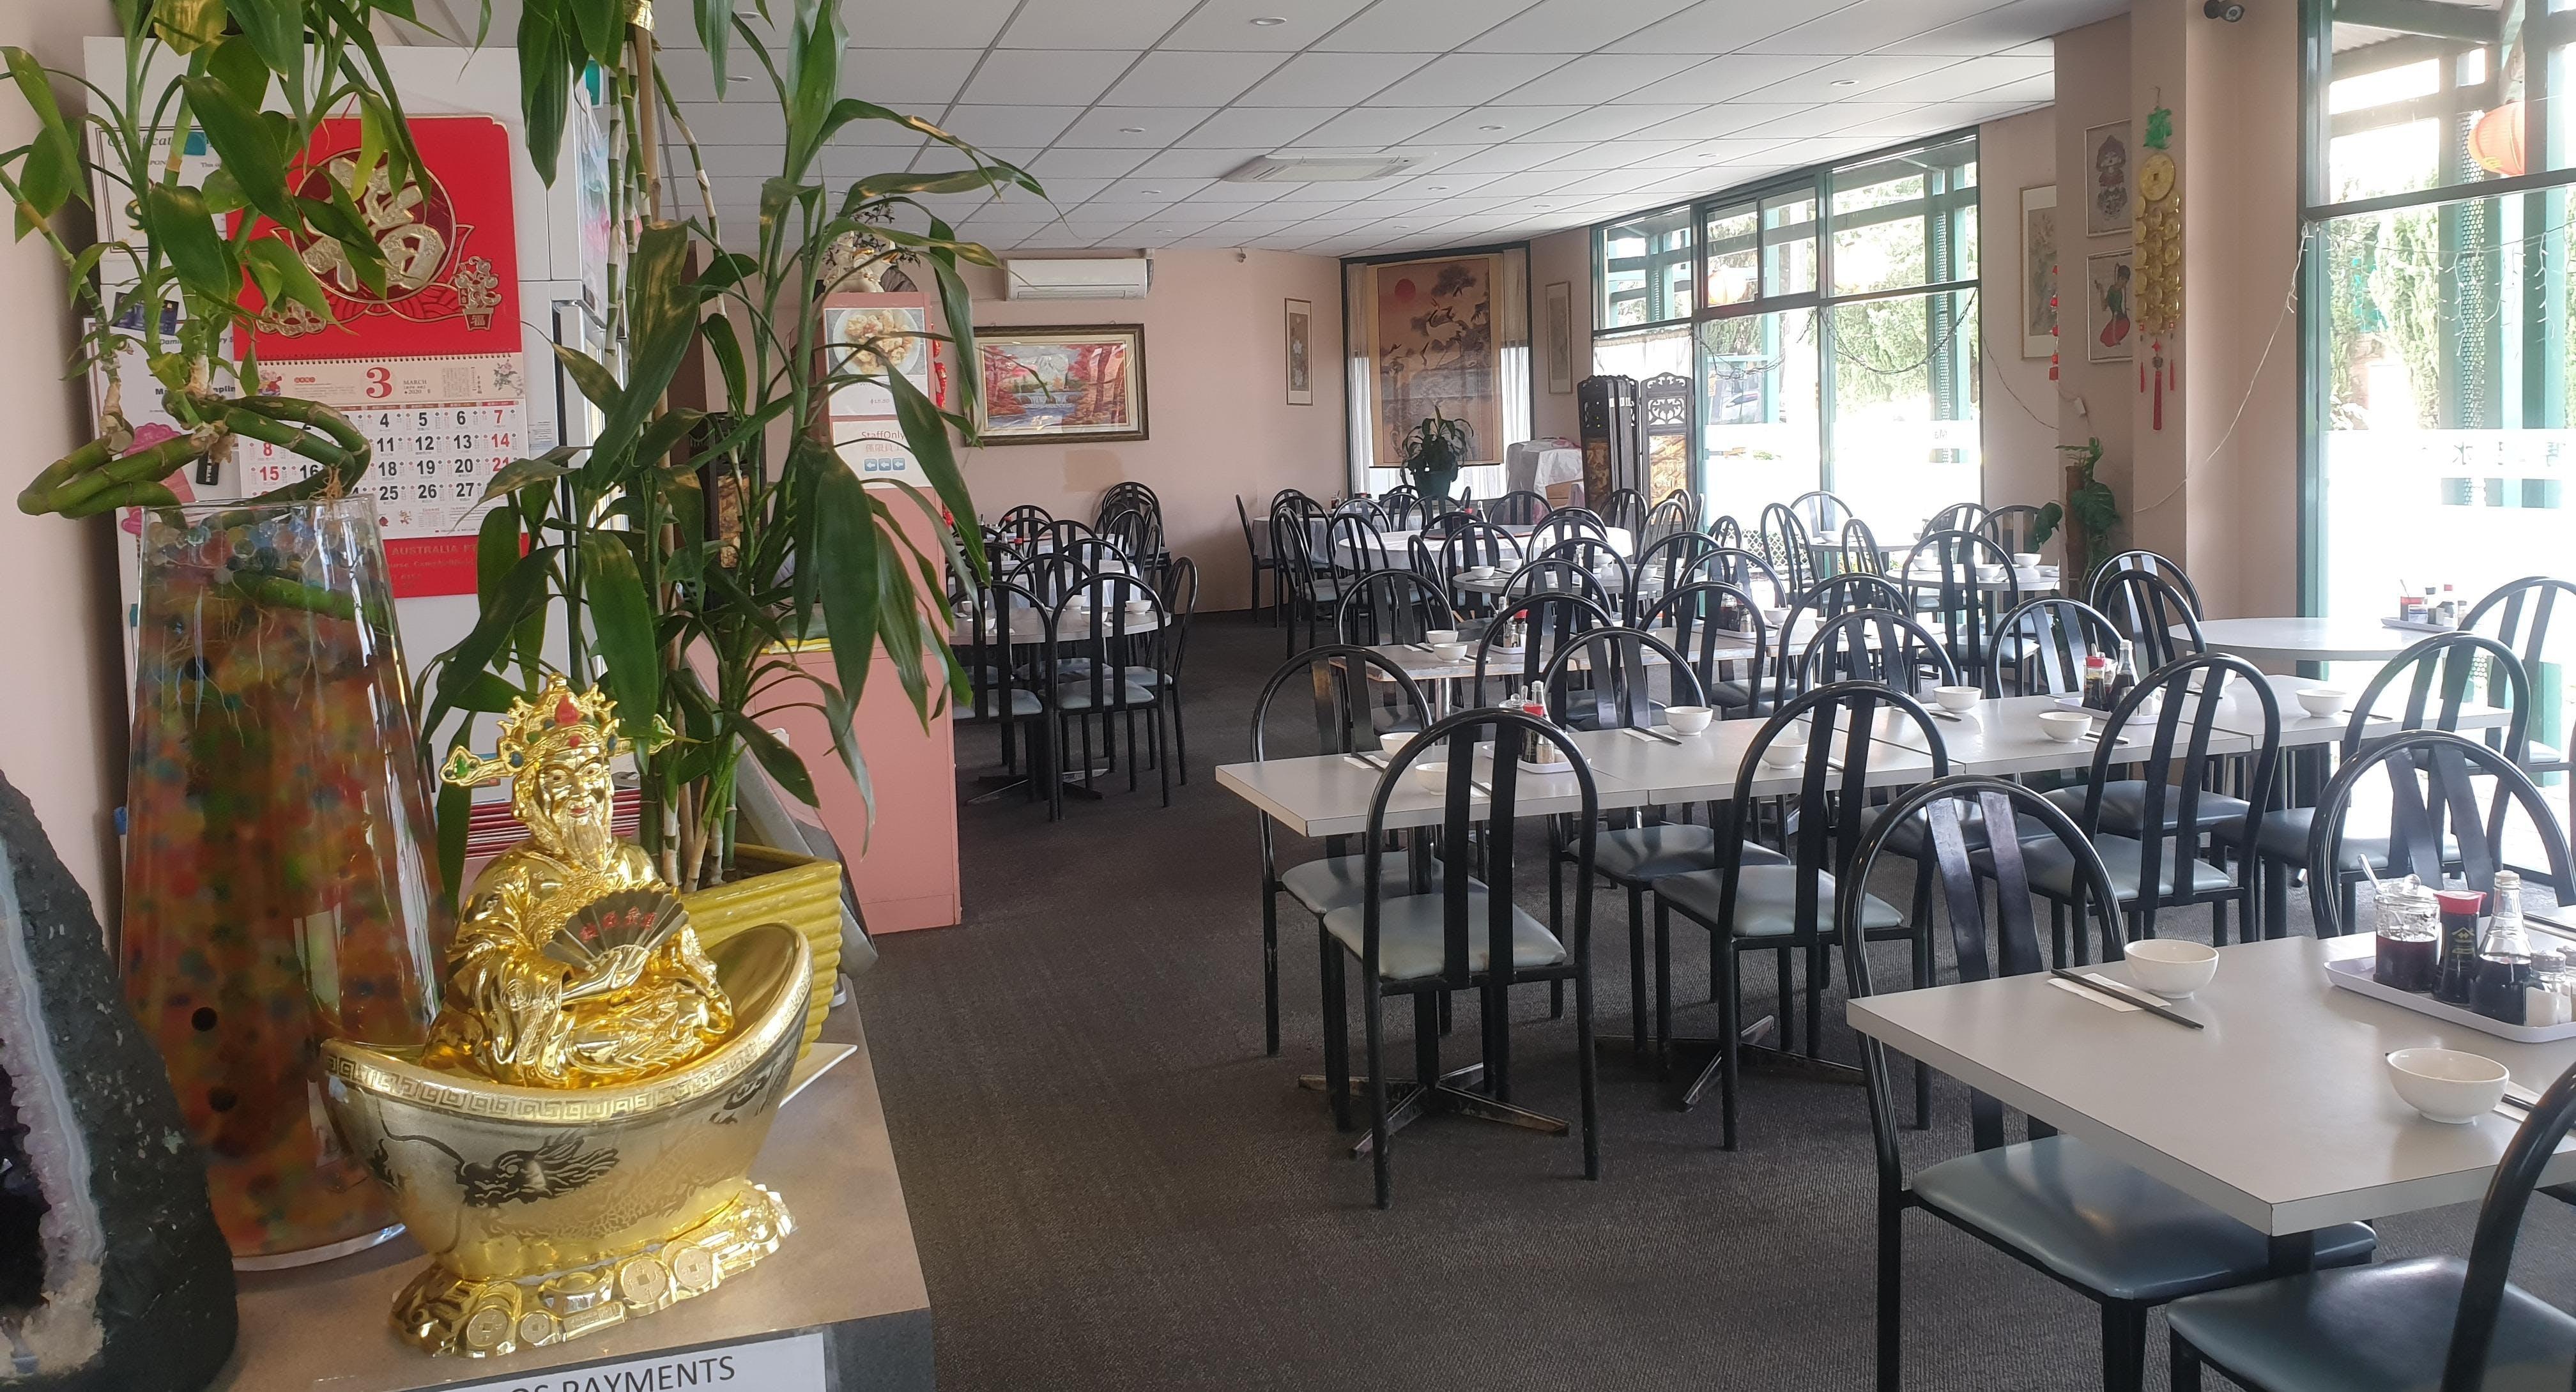 Maney's Dumpling Chinese Restaurant